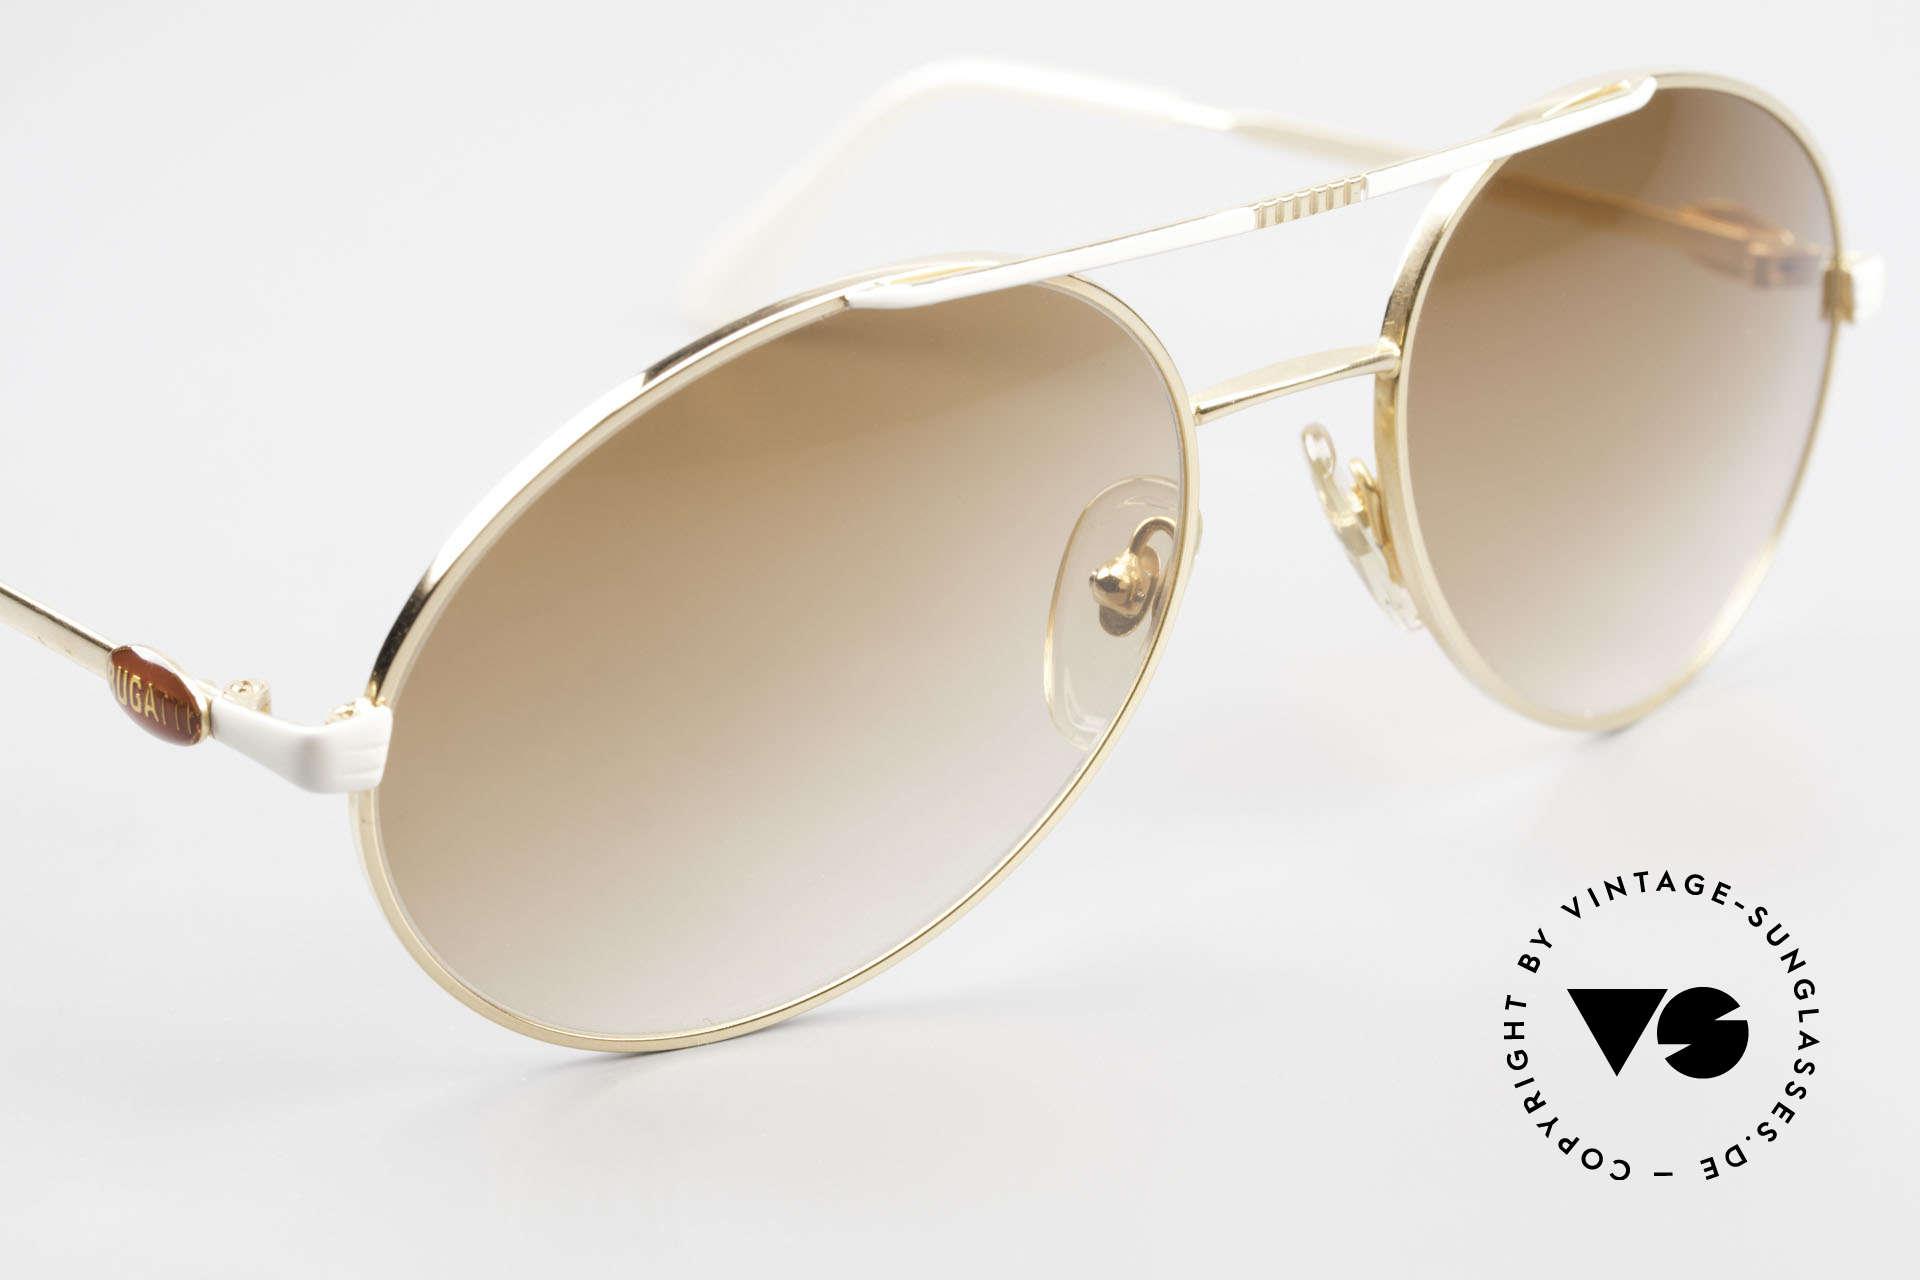 Bugatti 64317 Herren Sonnenbrille Vintage, ein altes Original von 1983 und KEINE RETRObrille!, Passend für Herren